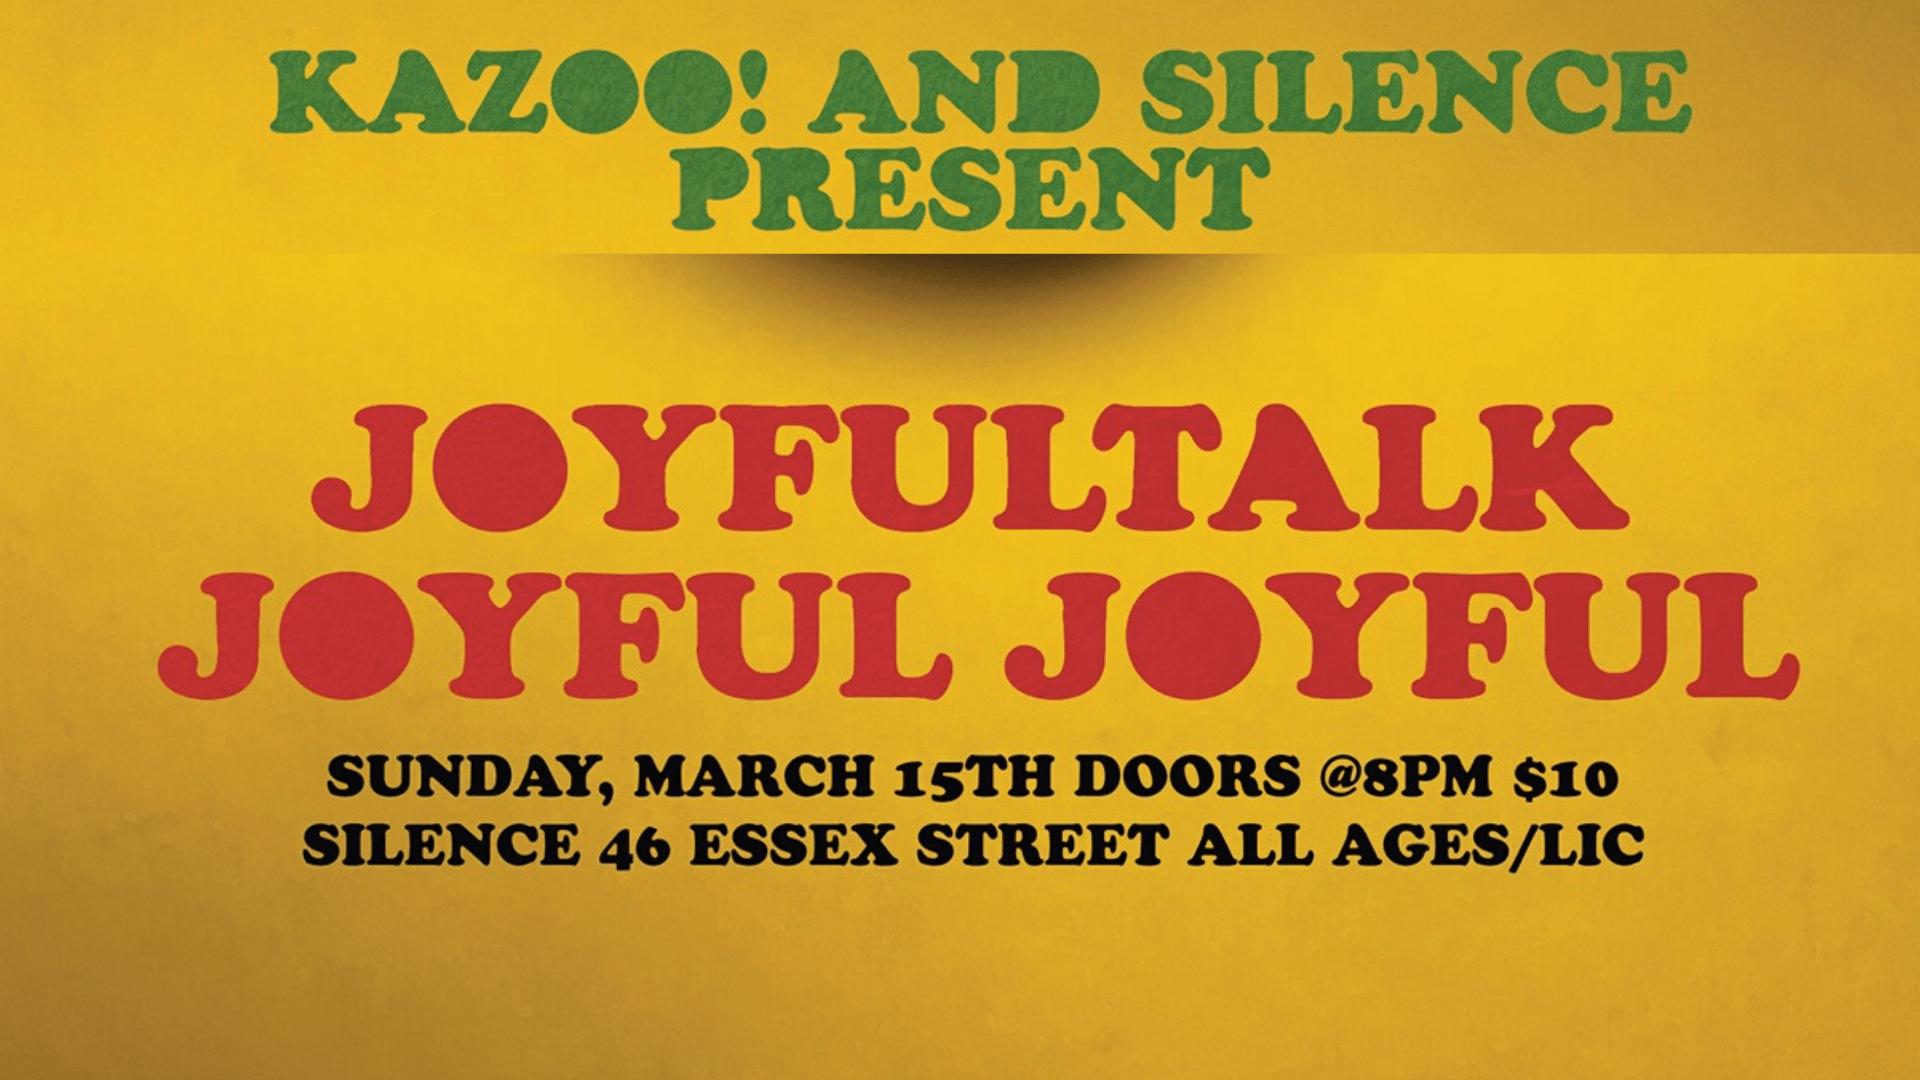 Joyfultalk & Joyful Joyful